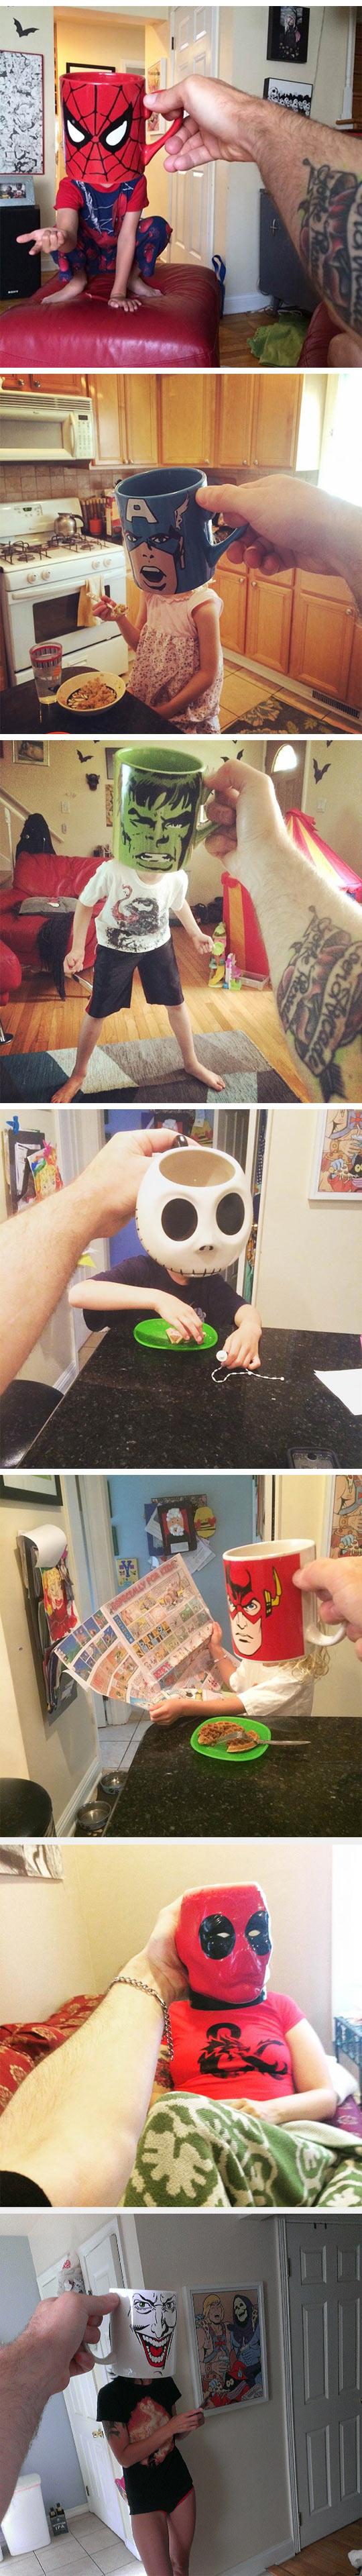 funny-kids-mugshots-mug-superheros